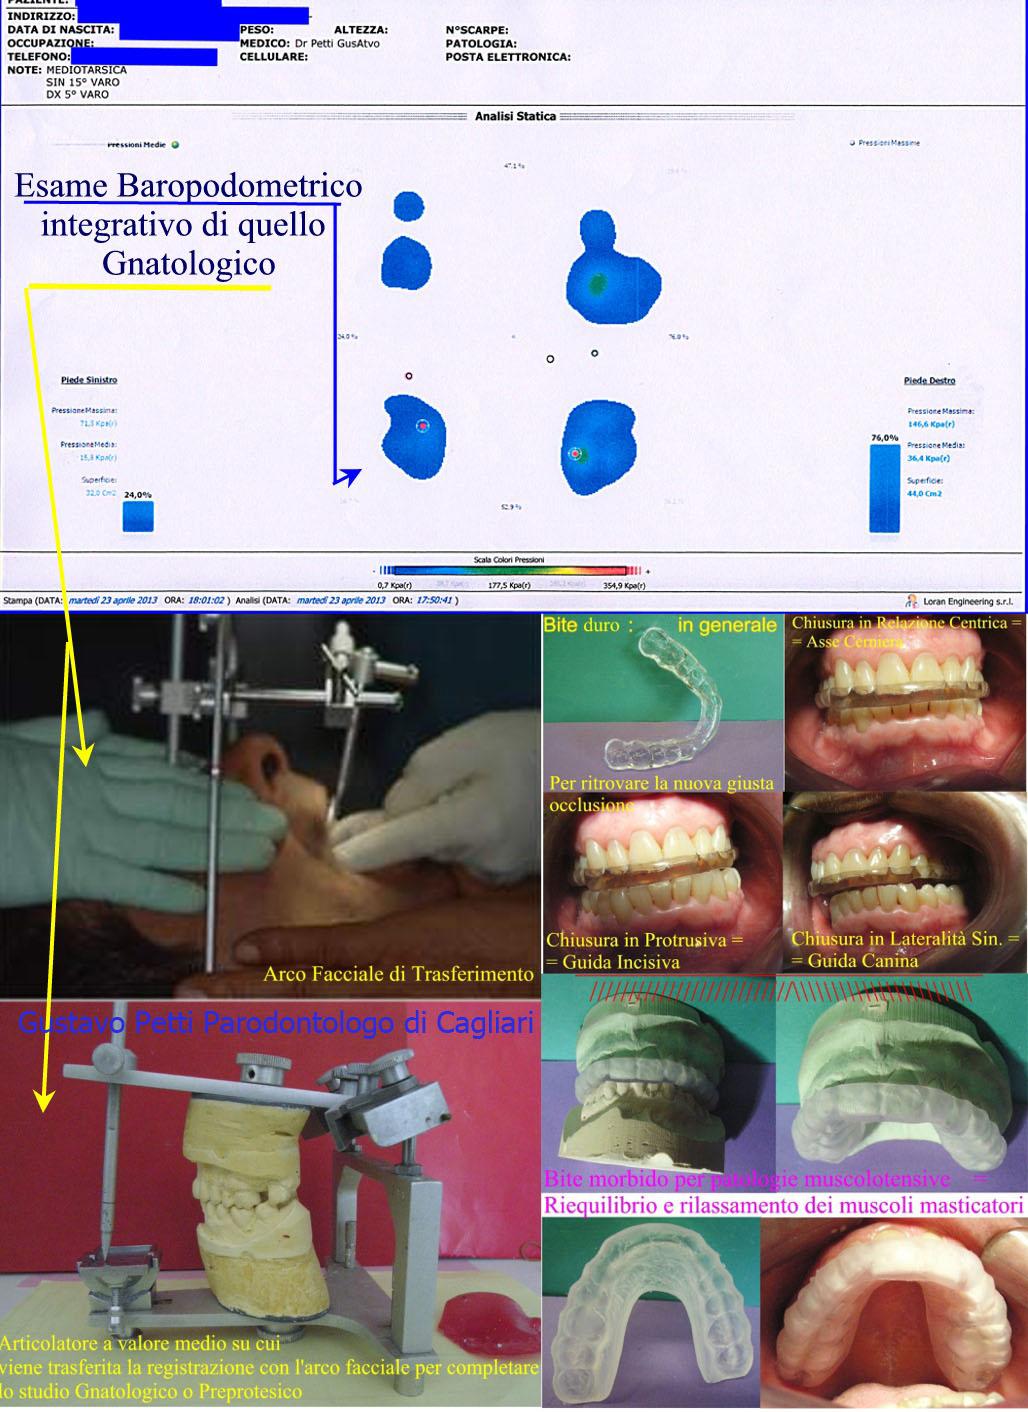 analisi-gnatologica-dr-g.petti-cagliari-124.jpg